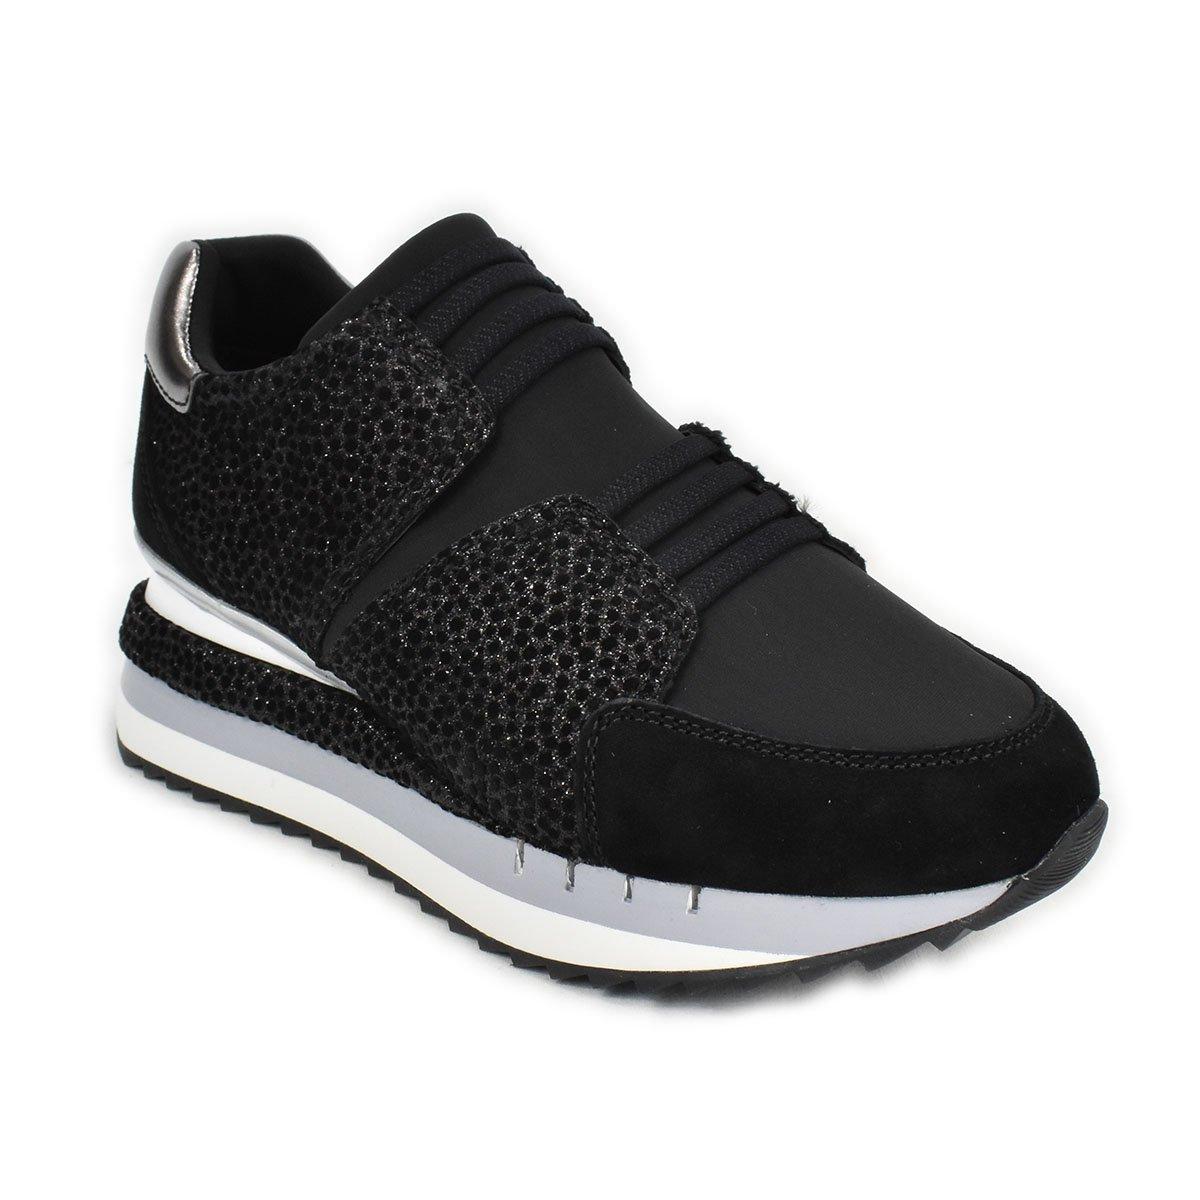 Sneakers slipon nera con trama scamosciata a pois ed effetto glitterato - CafèNoir FDN928